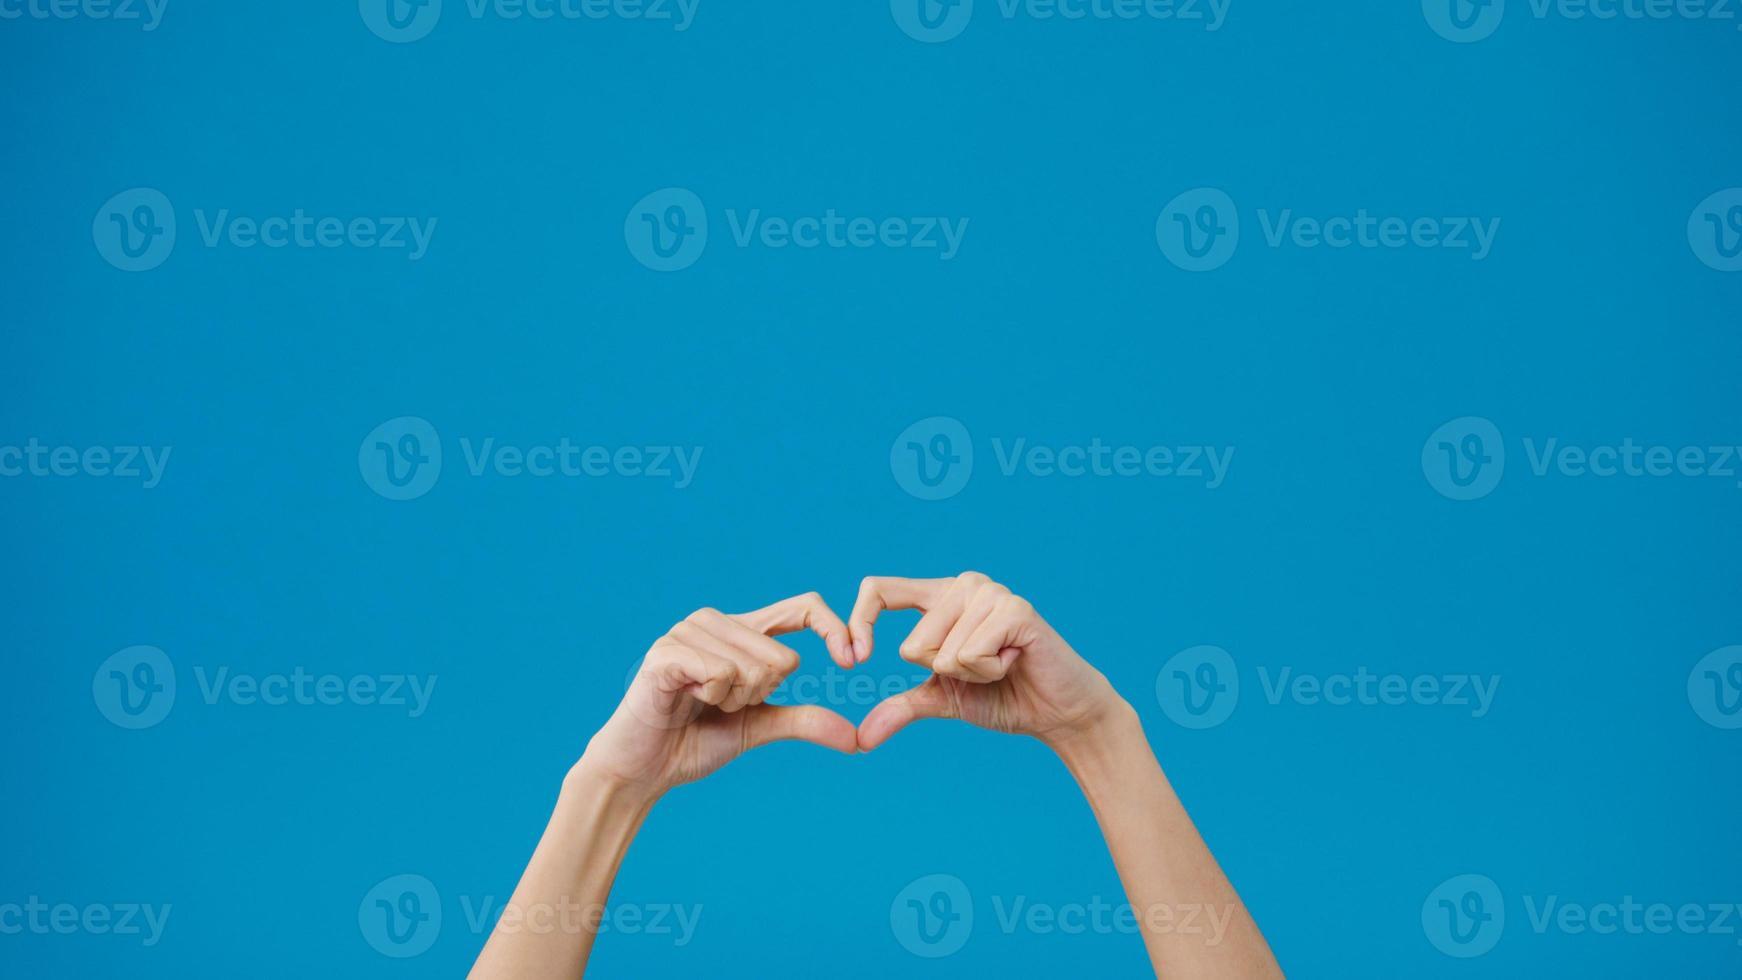 la mano della giovane donna mostra la forma del cuore che invia l'amore al suo amante su sfondo blu. copia spazio per inserire un testo, un messaggio per la pubblicità. area pubblicitaria, mockup di contenuti promozionali. foto